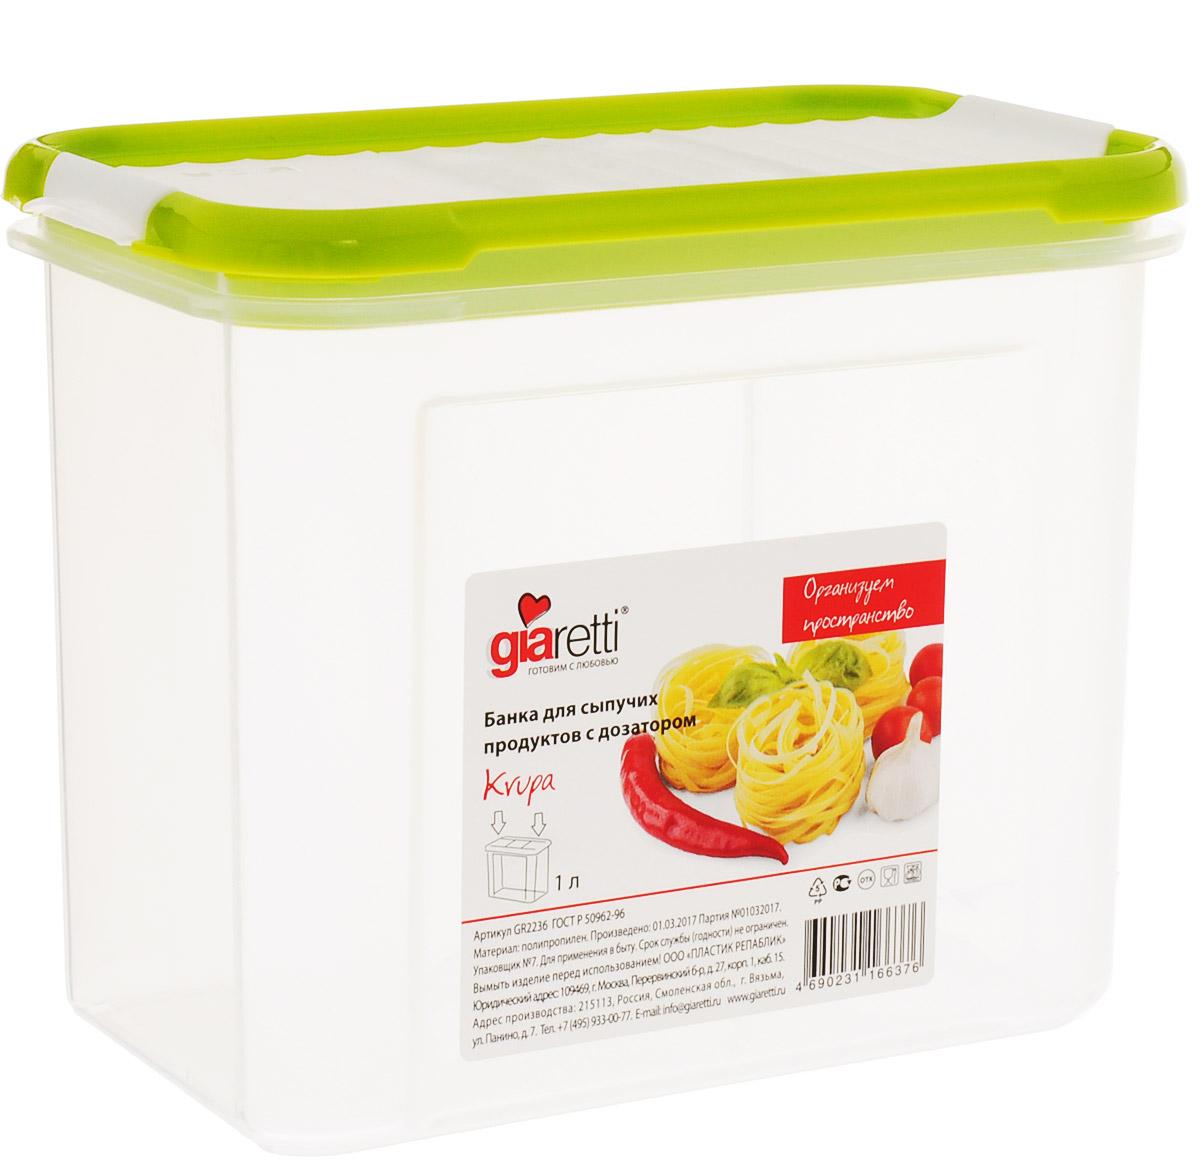 Банка для сыпучих продуктов Giaretti Krupa, с дозатором, цвет: оливковый, прозрачный, 1 лВетерок-2 У_6 поддоновБанка для сыпучих продуктов Giaretti Krupa предназначена для хранения круп, сахара, макаронных изделий, сладостей и тому подобного, в том числе для продуктов с ярким ароматом (специи и прочего). Строгая прямоугольная форма банки поможет вам организовать пространство максимально комфортно, не теряя полезную площадь. При этом банки Giaretti устанавливаются одна на другую, что способствует экономии пространства в вашем шкафу. Плотная крышка не пропускает запахи, и они не смешиваются. Благодаря разнообразным отверстиям в дозаторе, вам будет удобно насыпать как мелкие, так и крупные сыпучие продукты, что сделает процесс приготовления пищи проще.Размеры контейнера: 17 х 8,5 х 13 см.